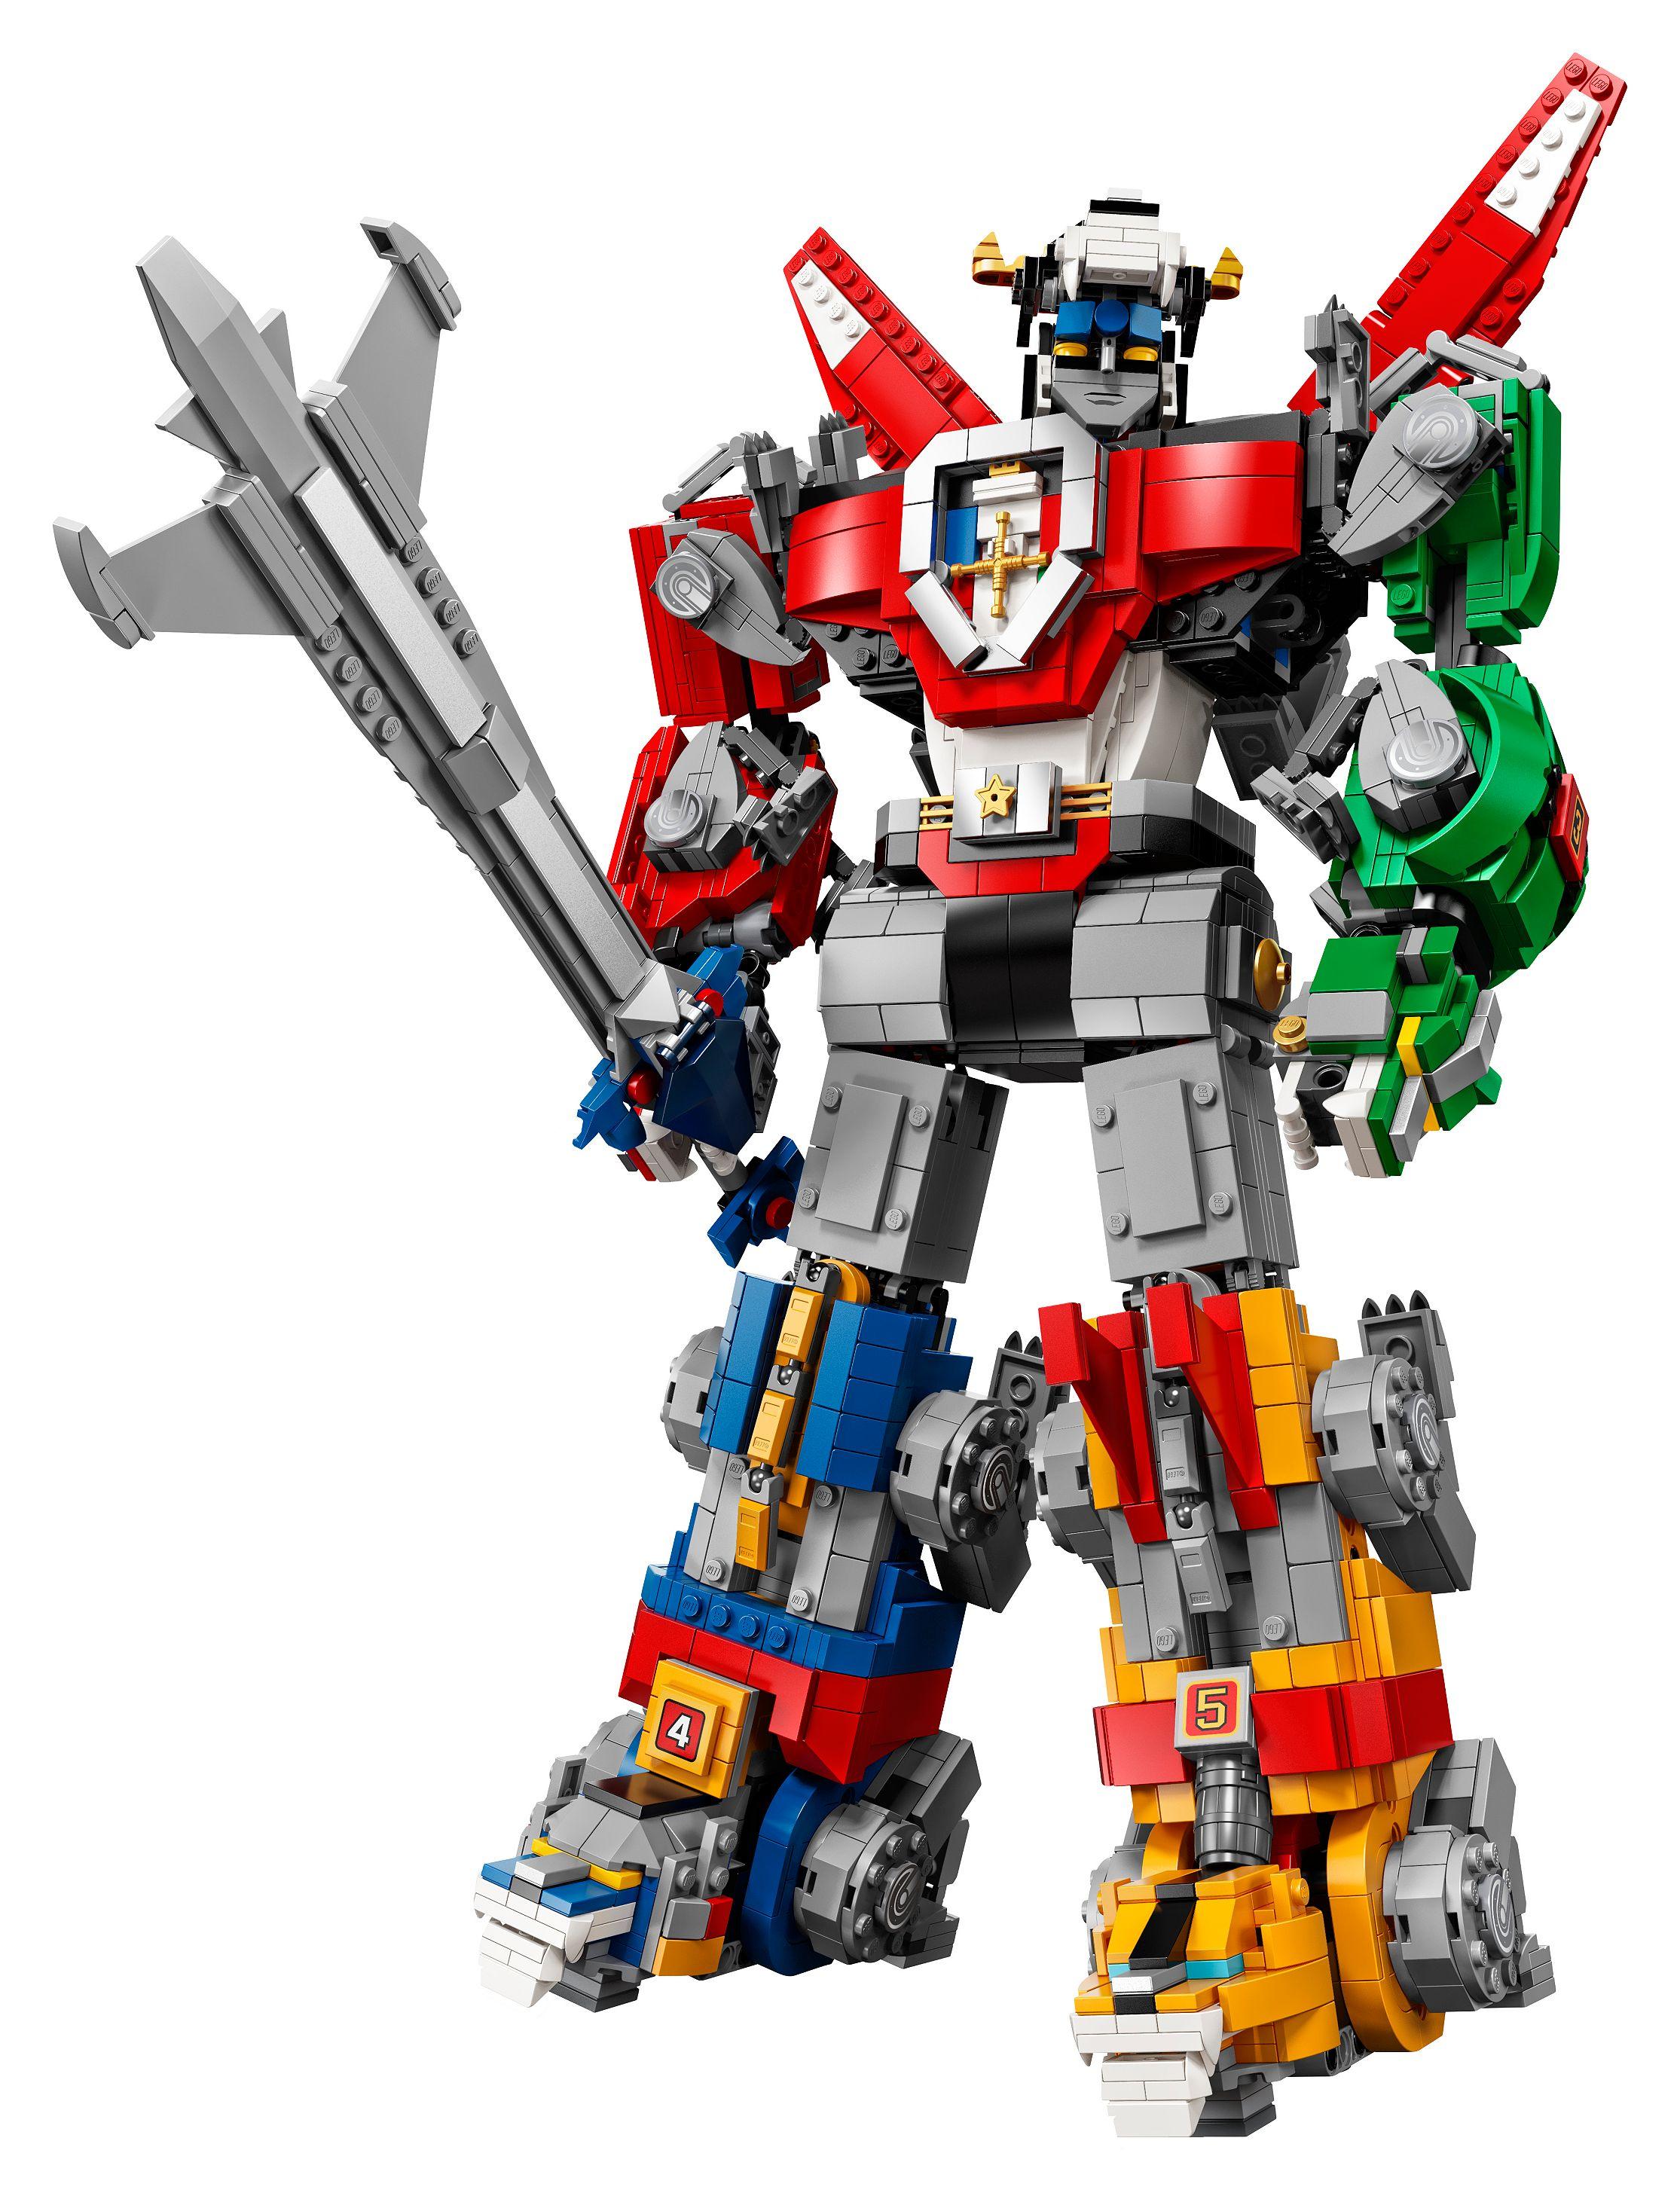 LEGO Ideas Voltron Building Set